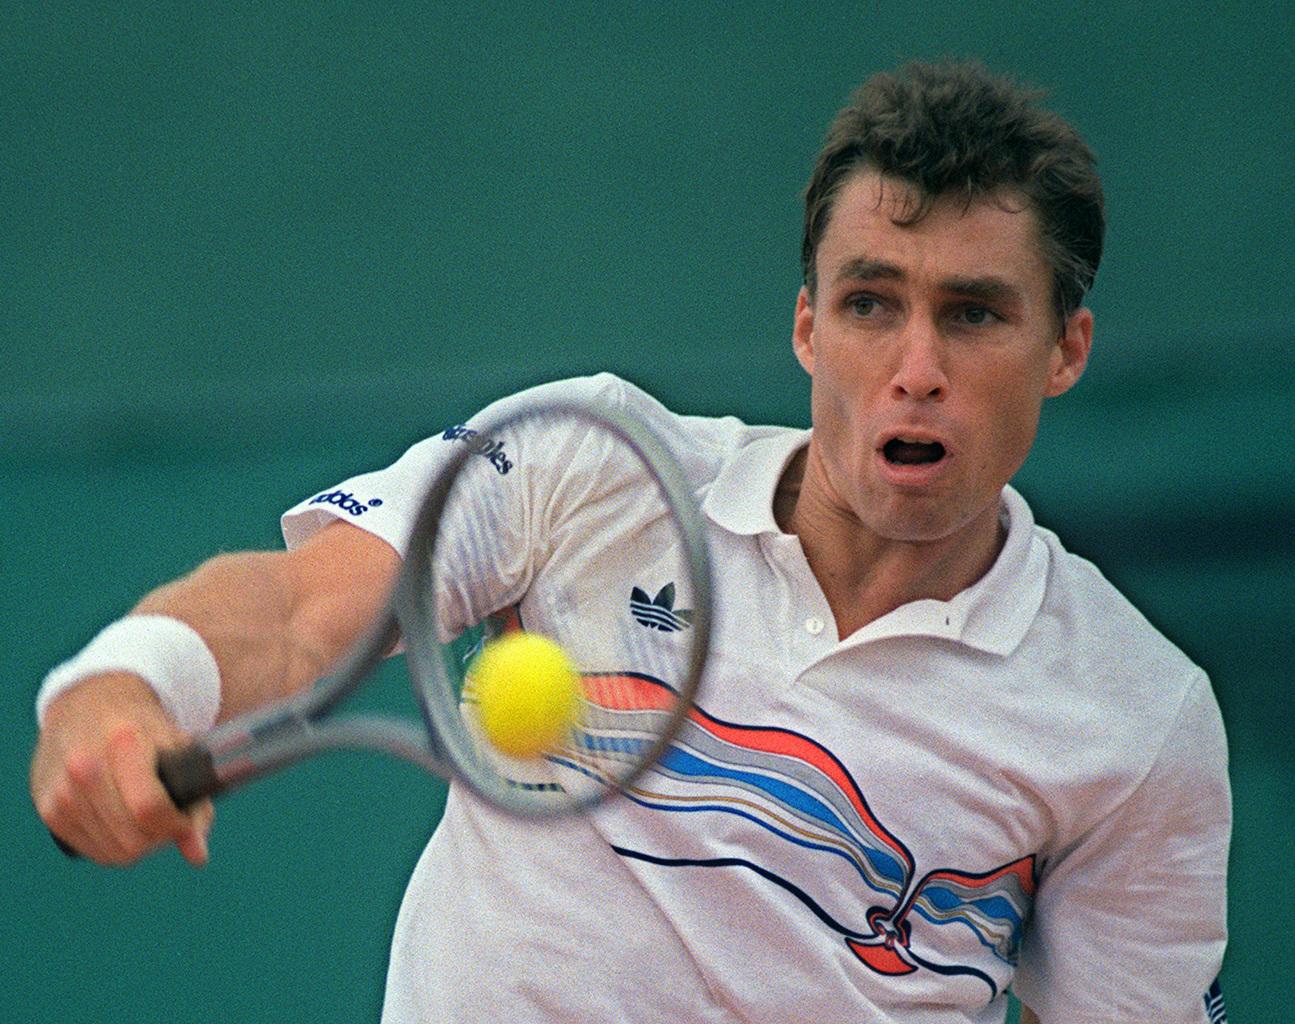 Ivan Lendl a Roland Garros döntőjében 1986-ban #moszkvater